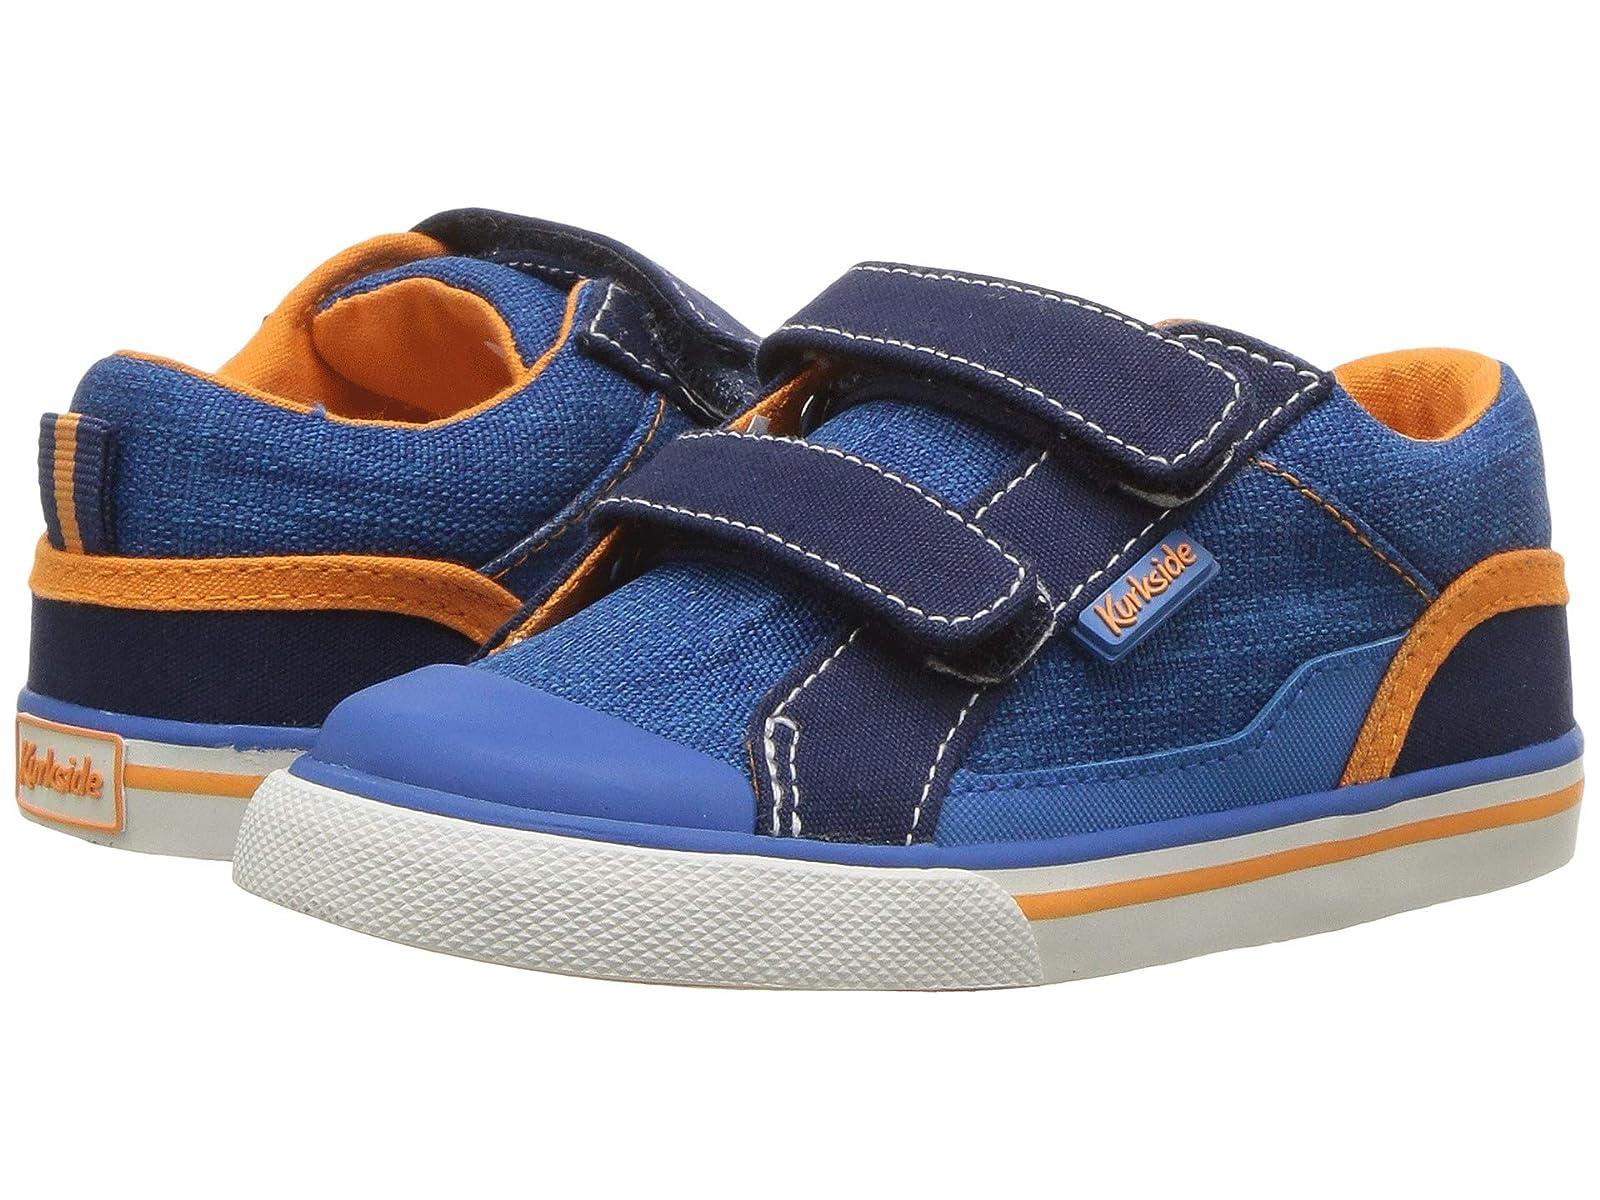 Kurkside Covell (Toddler/Little Kid)Atmospheric grades have affordable shoes